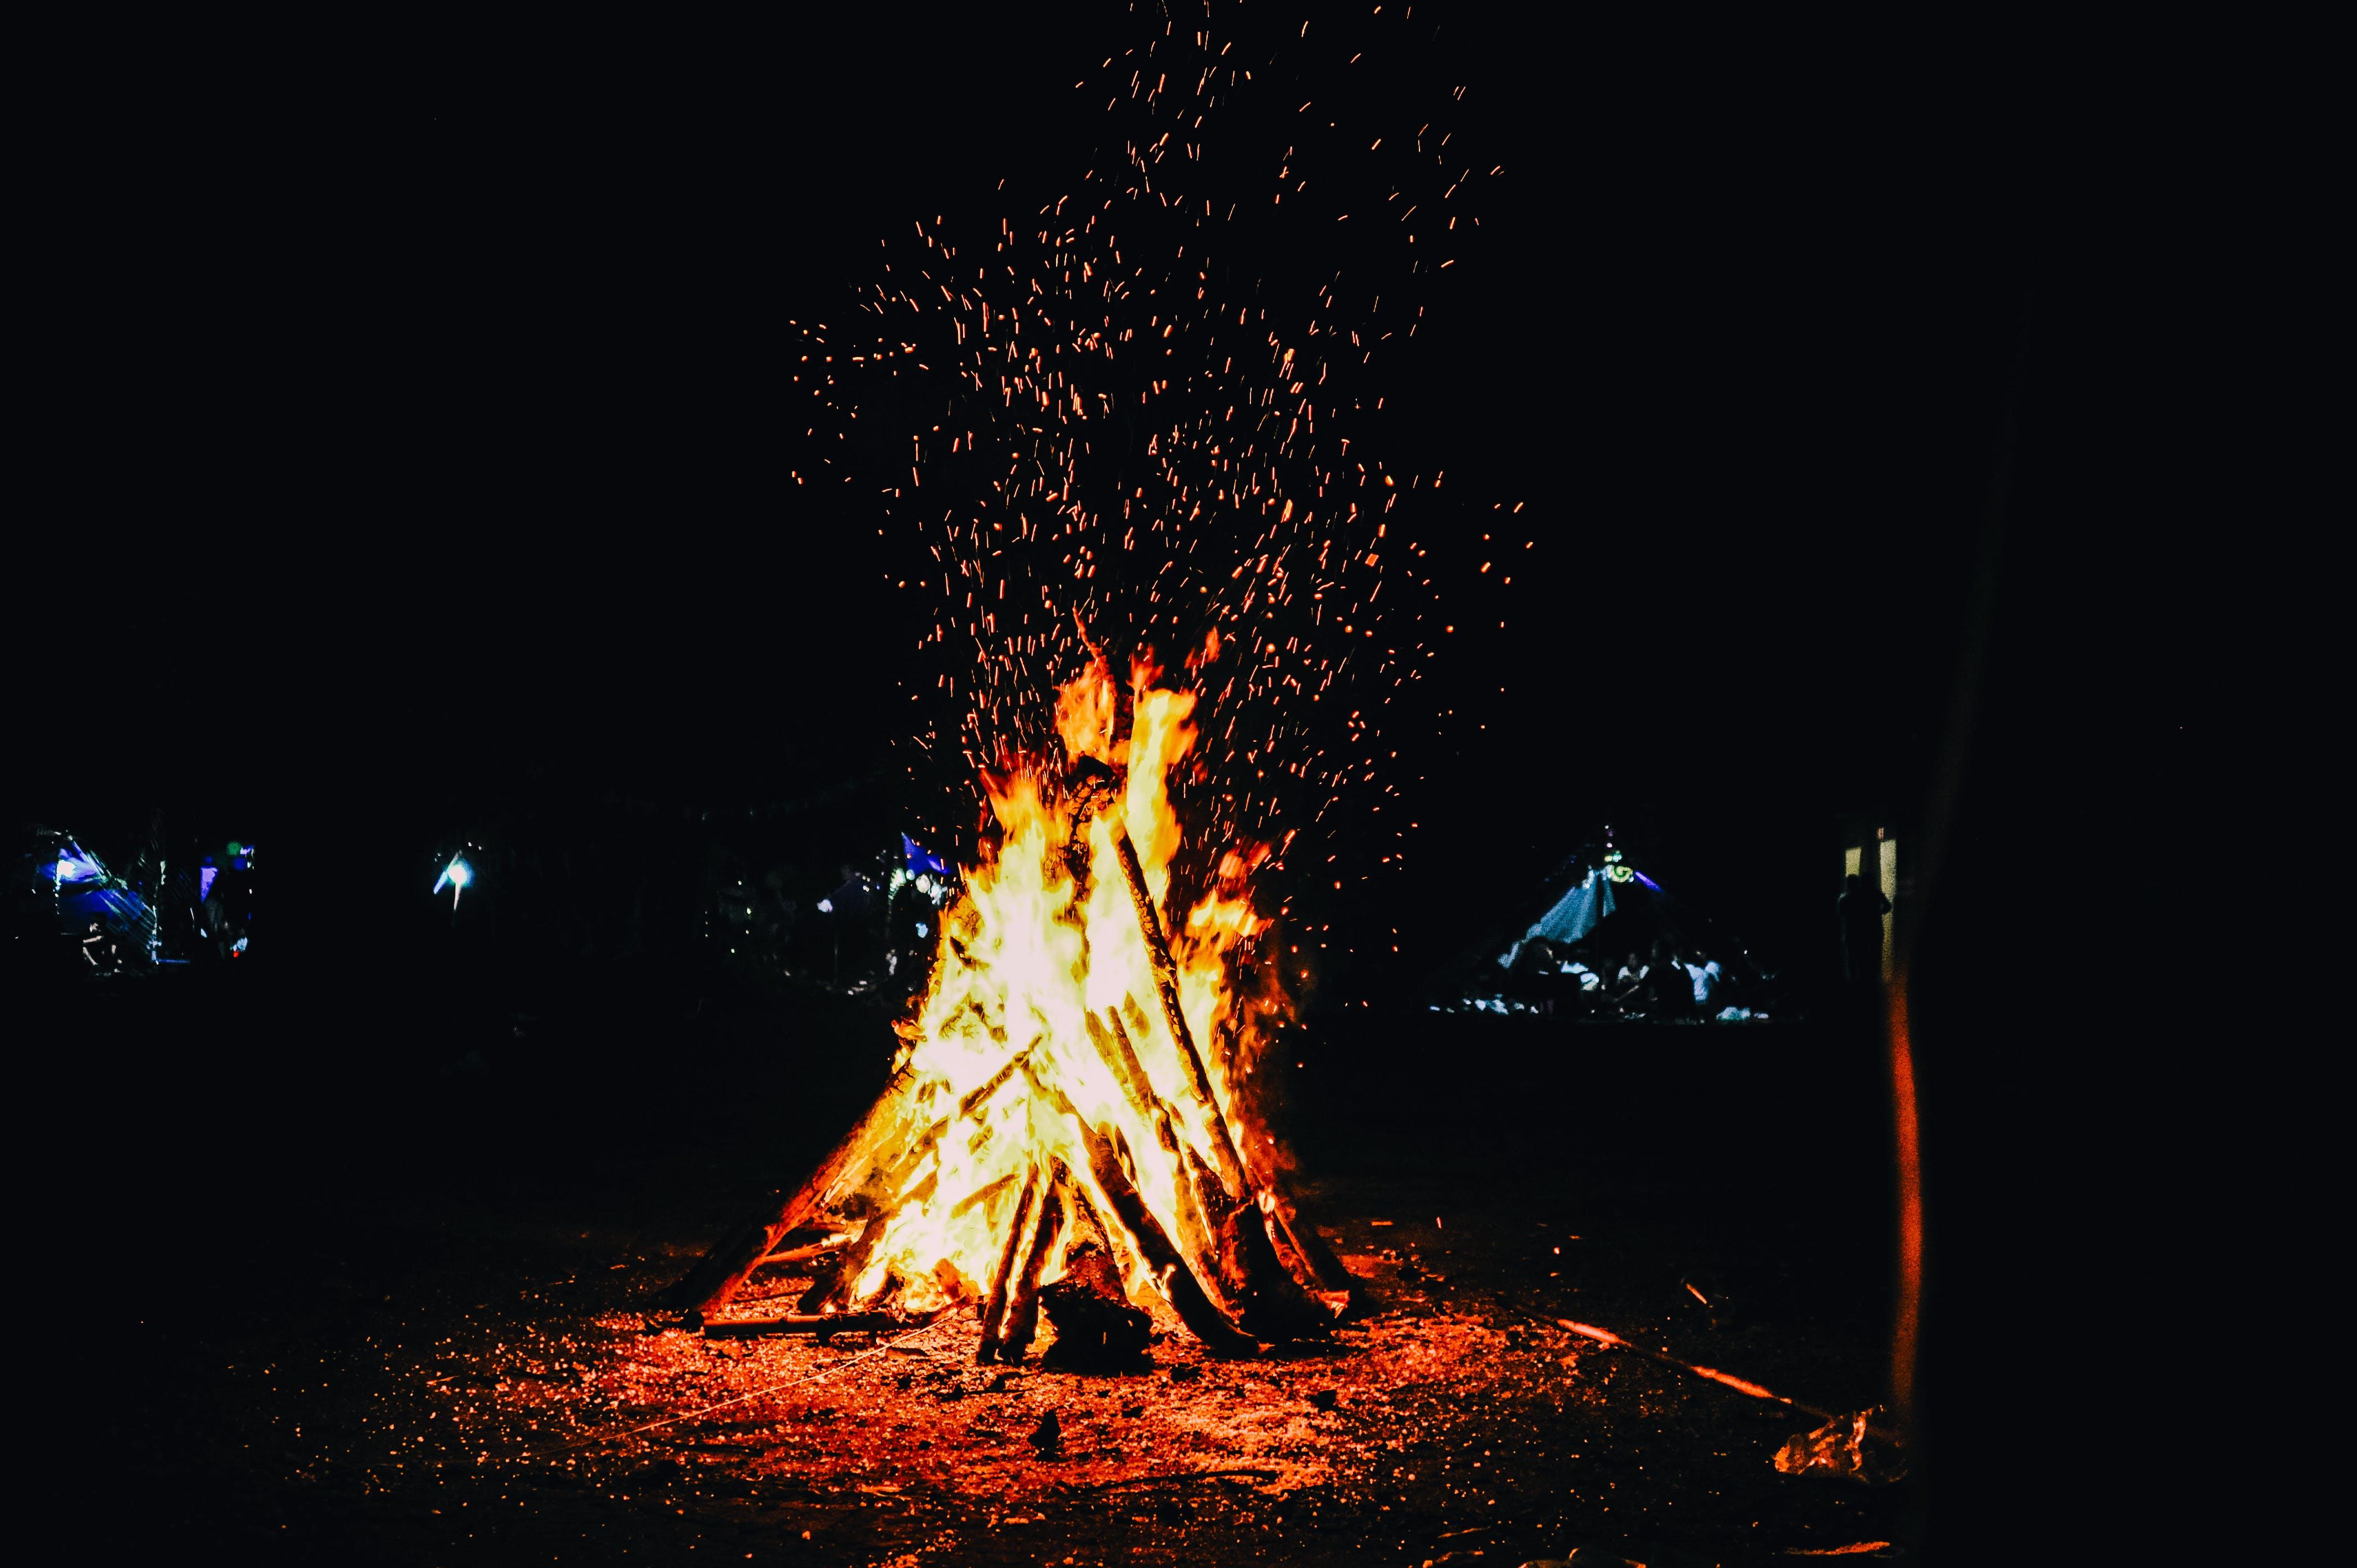 abend, brand, brennen